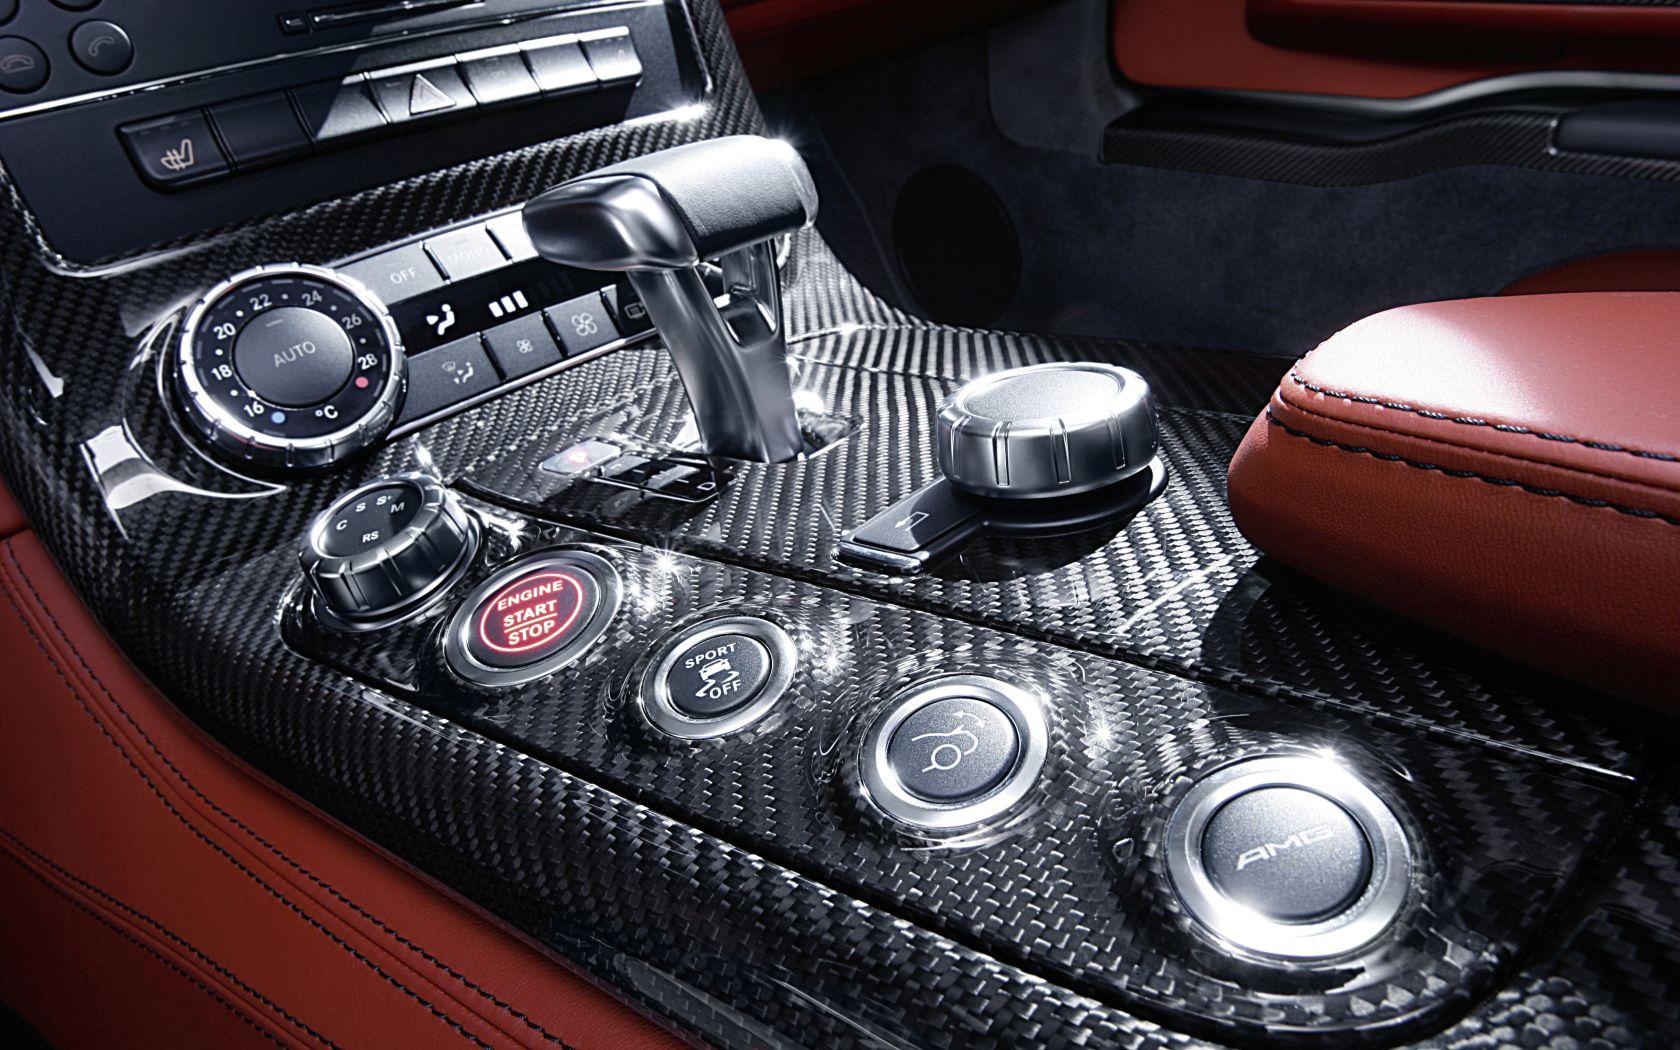 2010 SLS AMG rot Interieur 2 - Mercedes-Benz Wallpaper - MB-Wallpaper.de